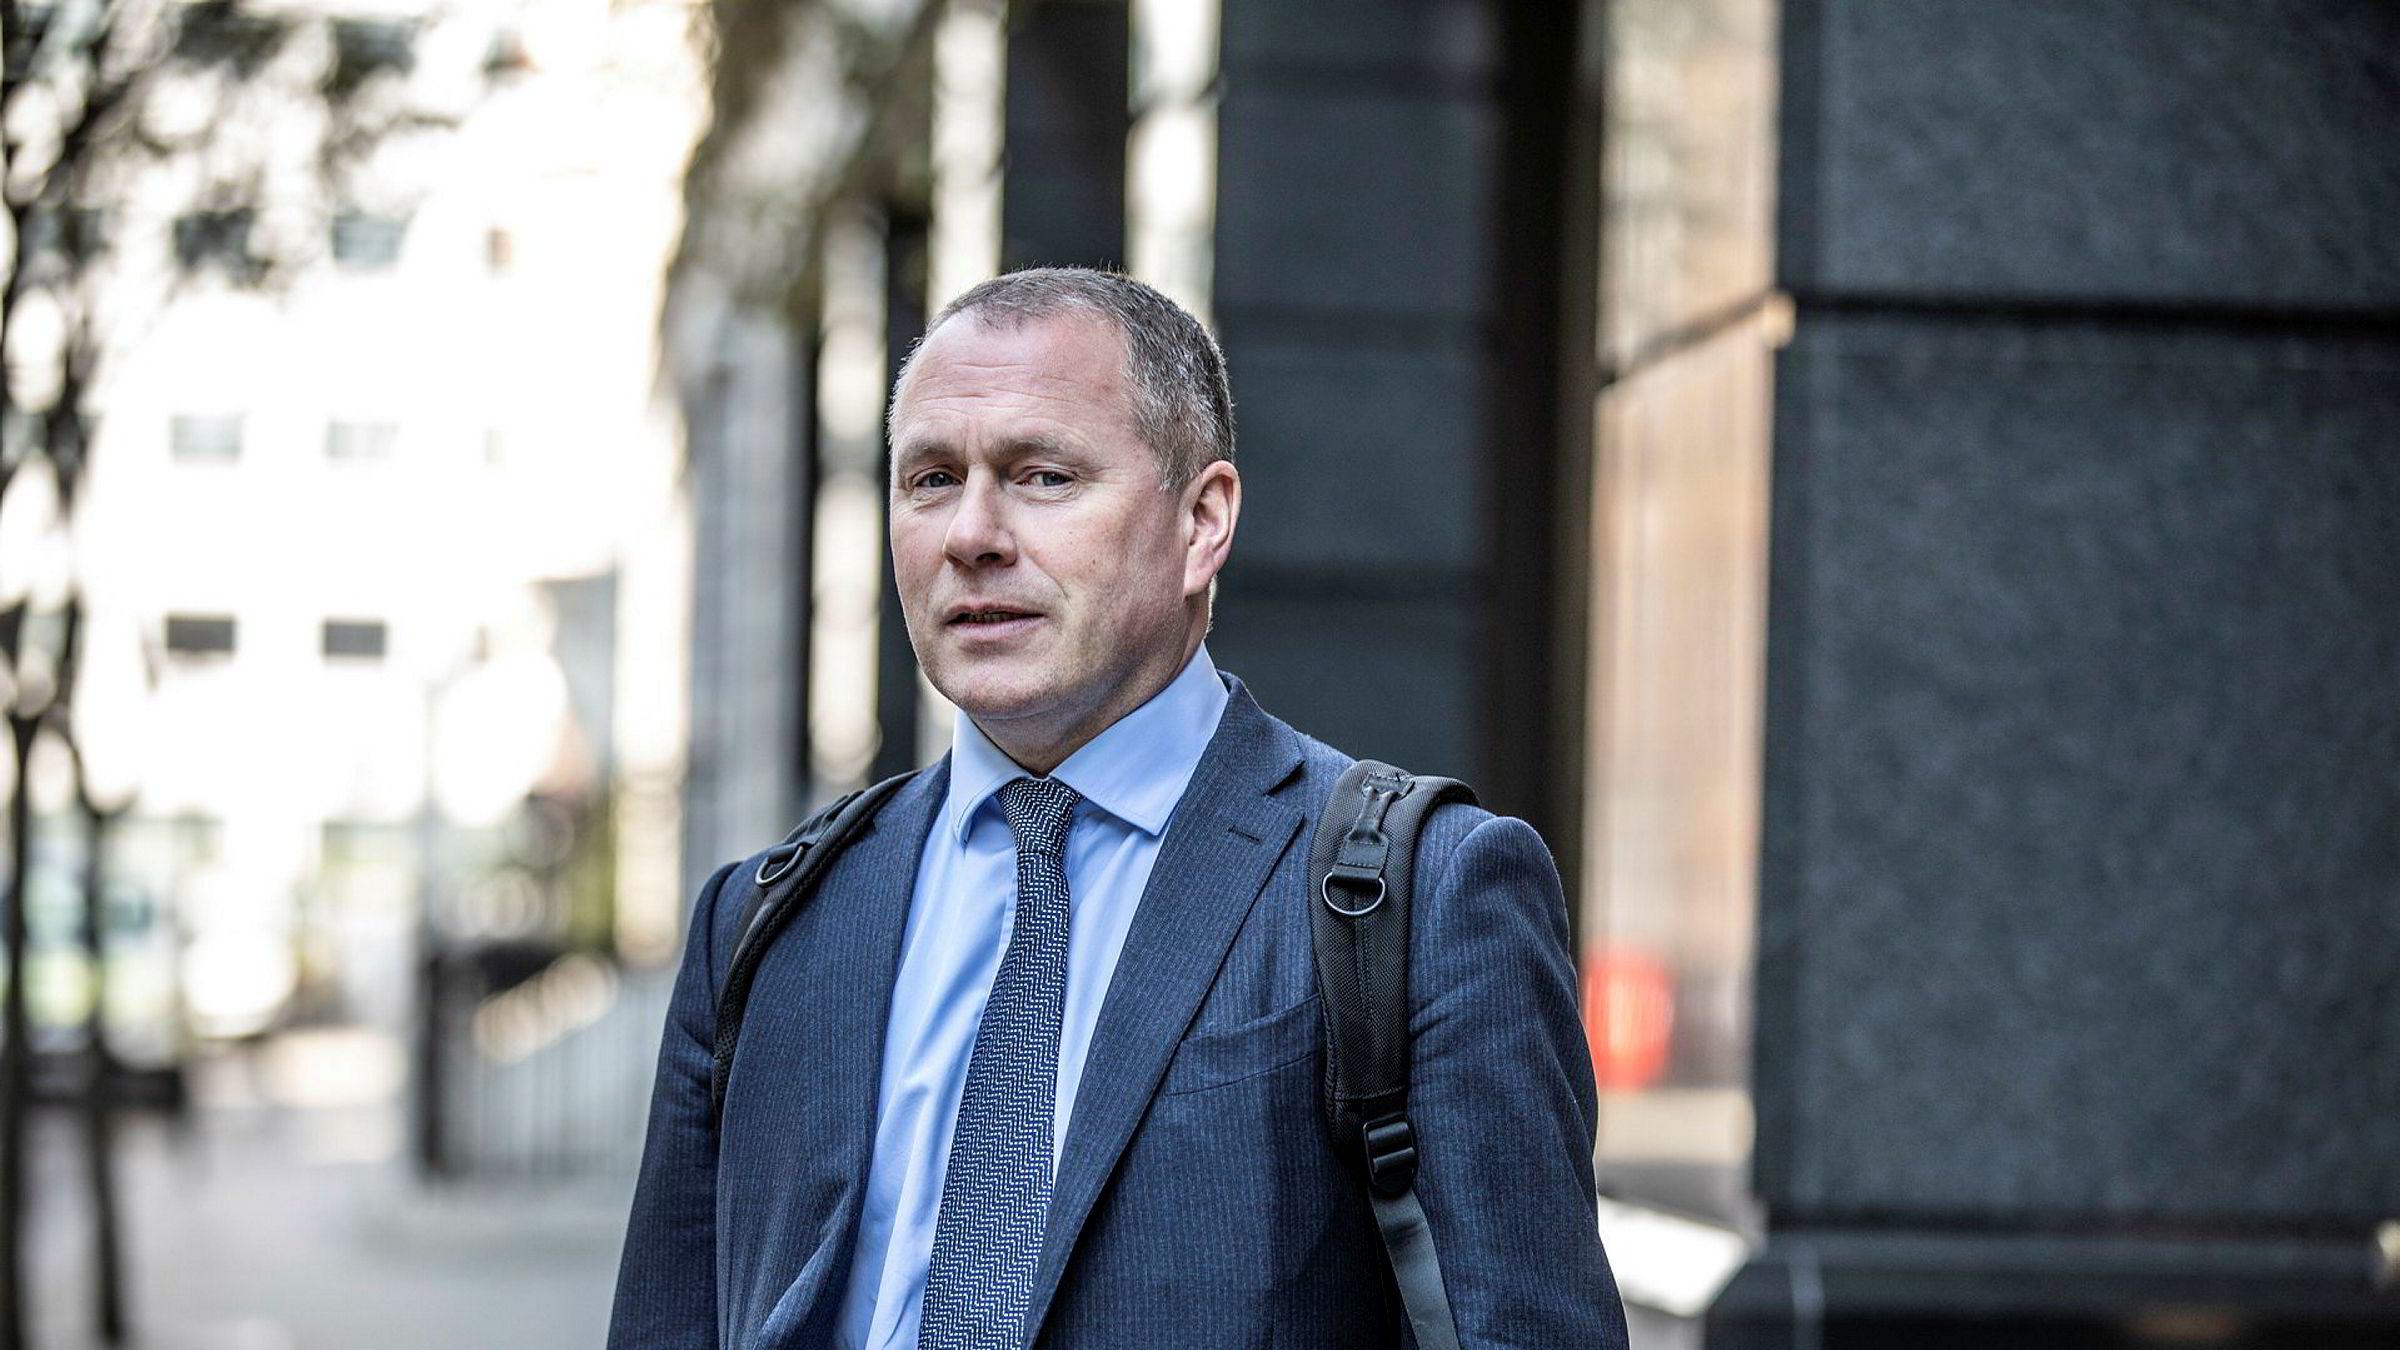 Nicolai Tangen gir bokstavelig talt fra seg milliarder av kroner for å bli statsansatt i Norge. Da er man motivert for å bli sjef for Oljefondet.